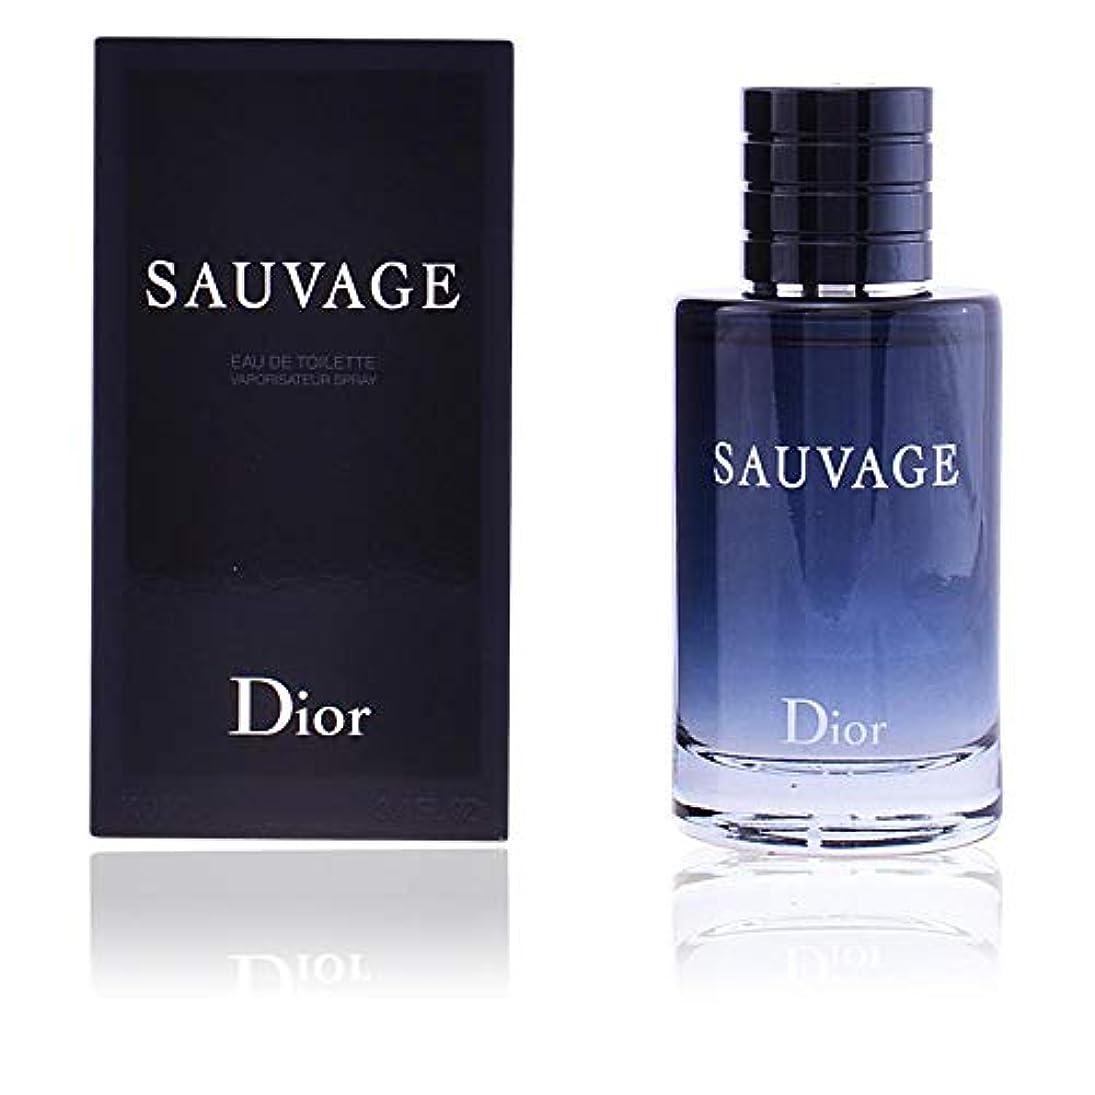 マトロン謝罪ジェーンオースティンクリスチャン ディオール(Christian Dior) ソヴァージュ EDT SP 200ml[並行輸入品]